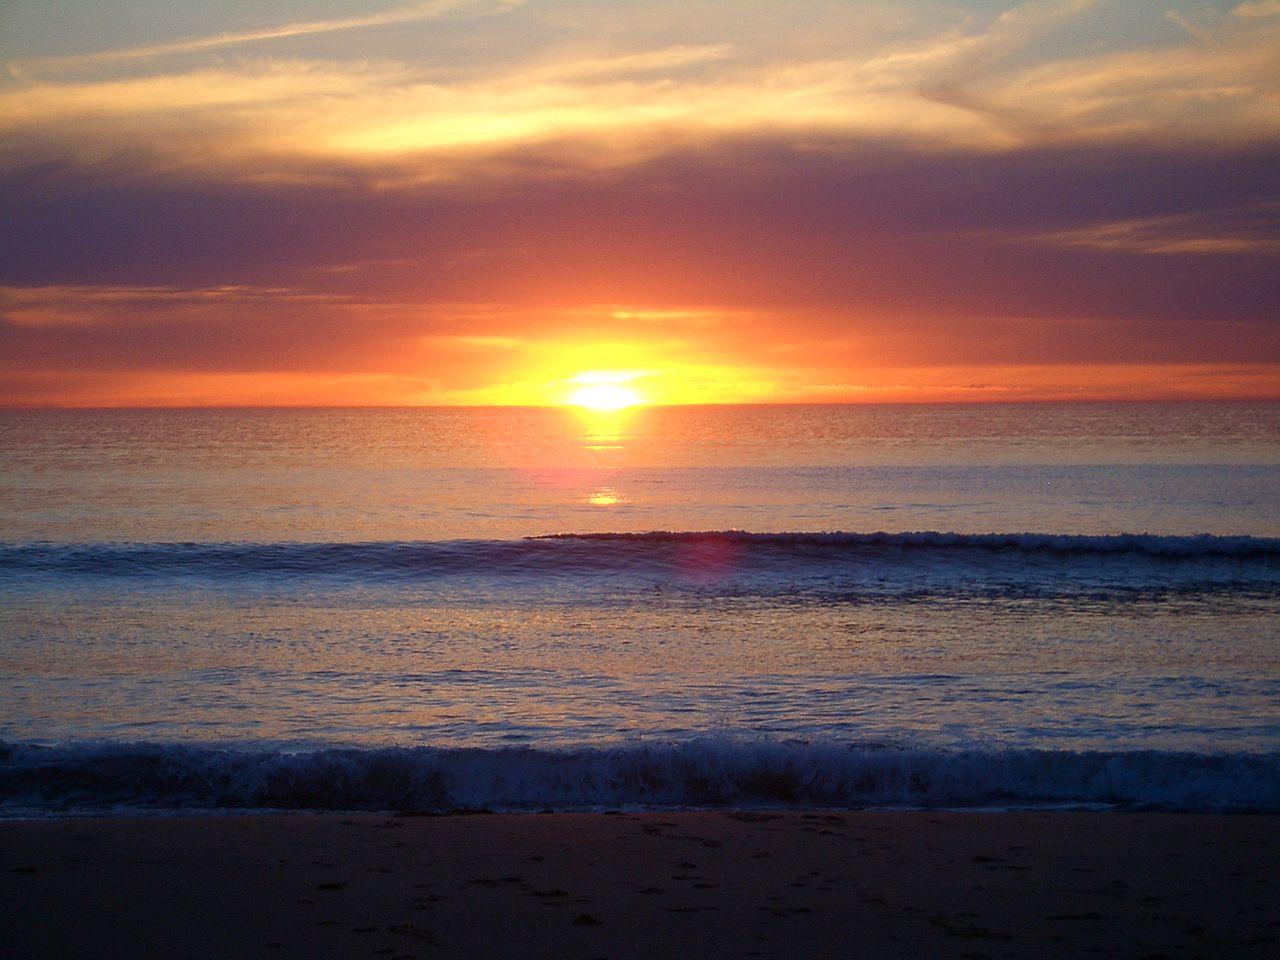 Sole Myrtle Beach